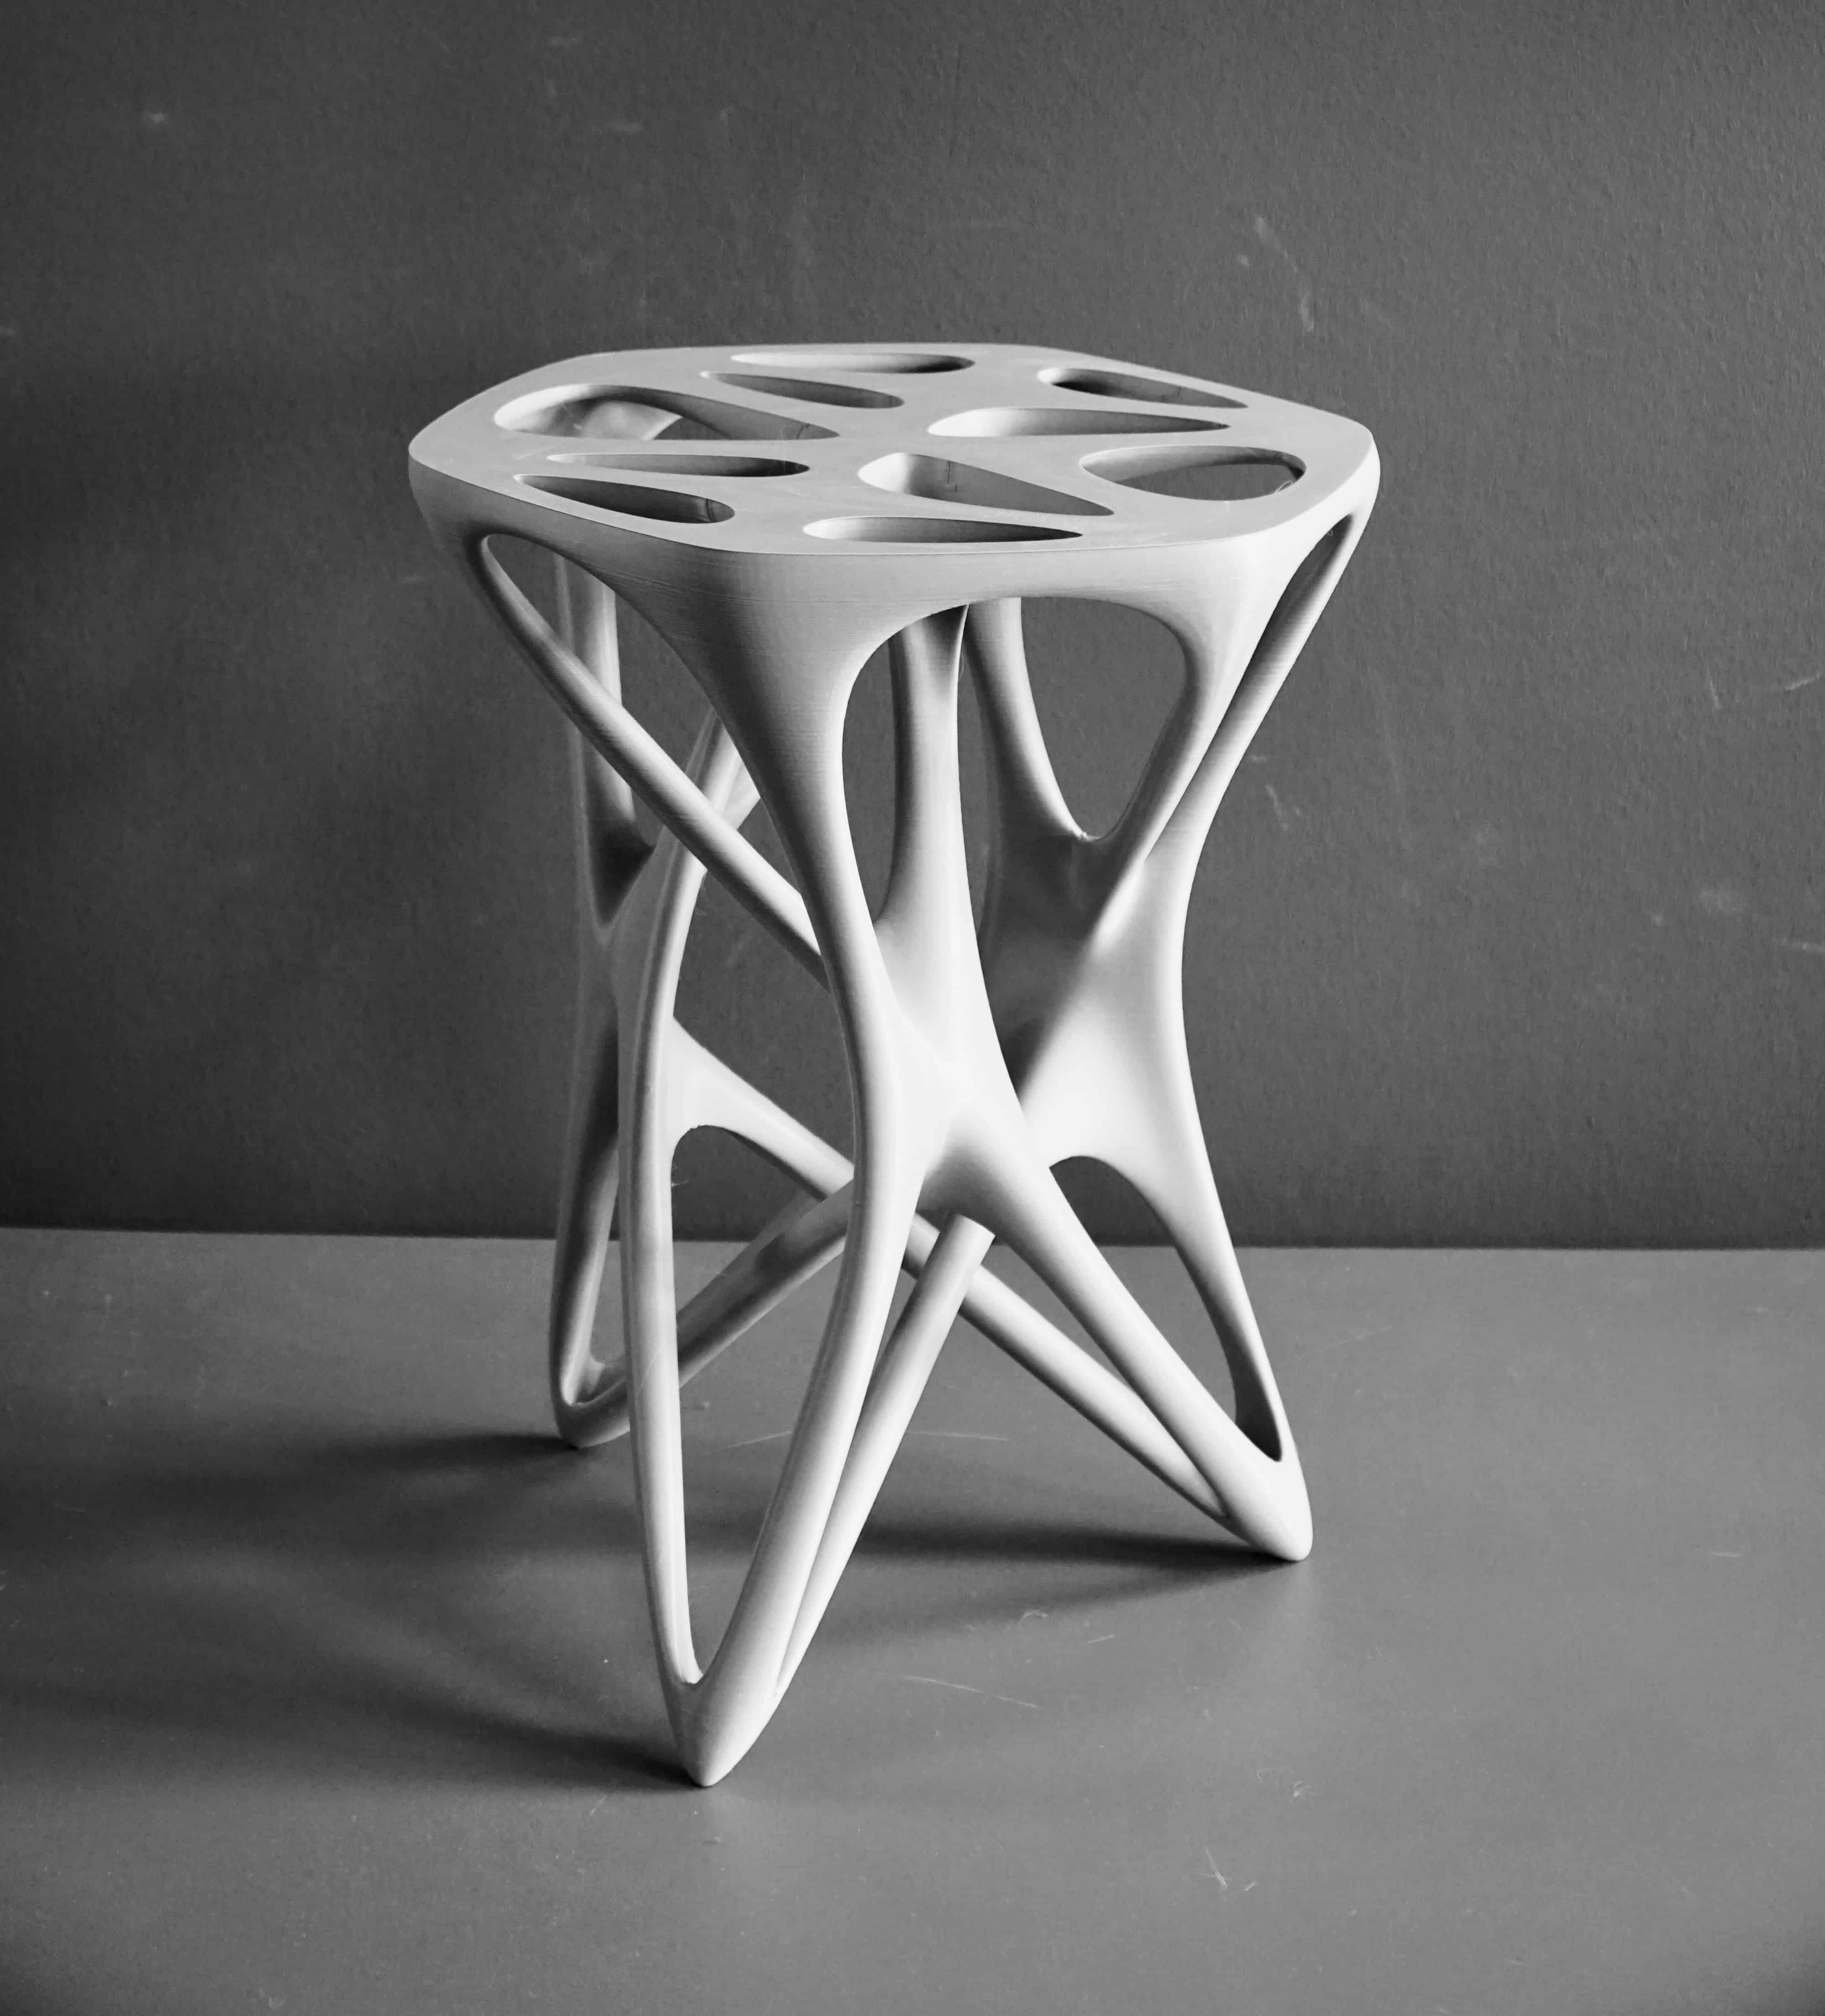 BigReps designed Terra stool